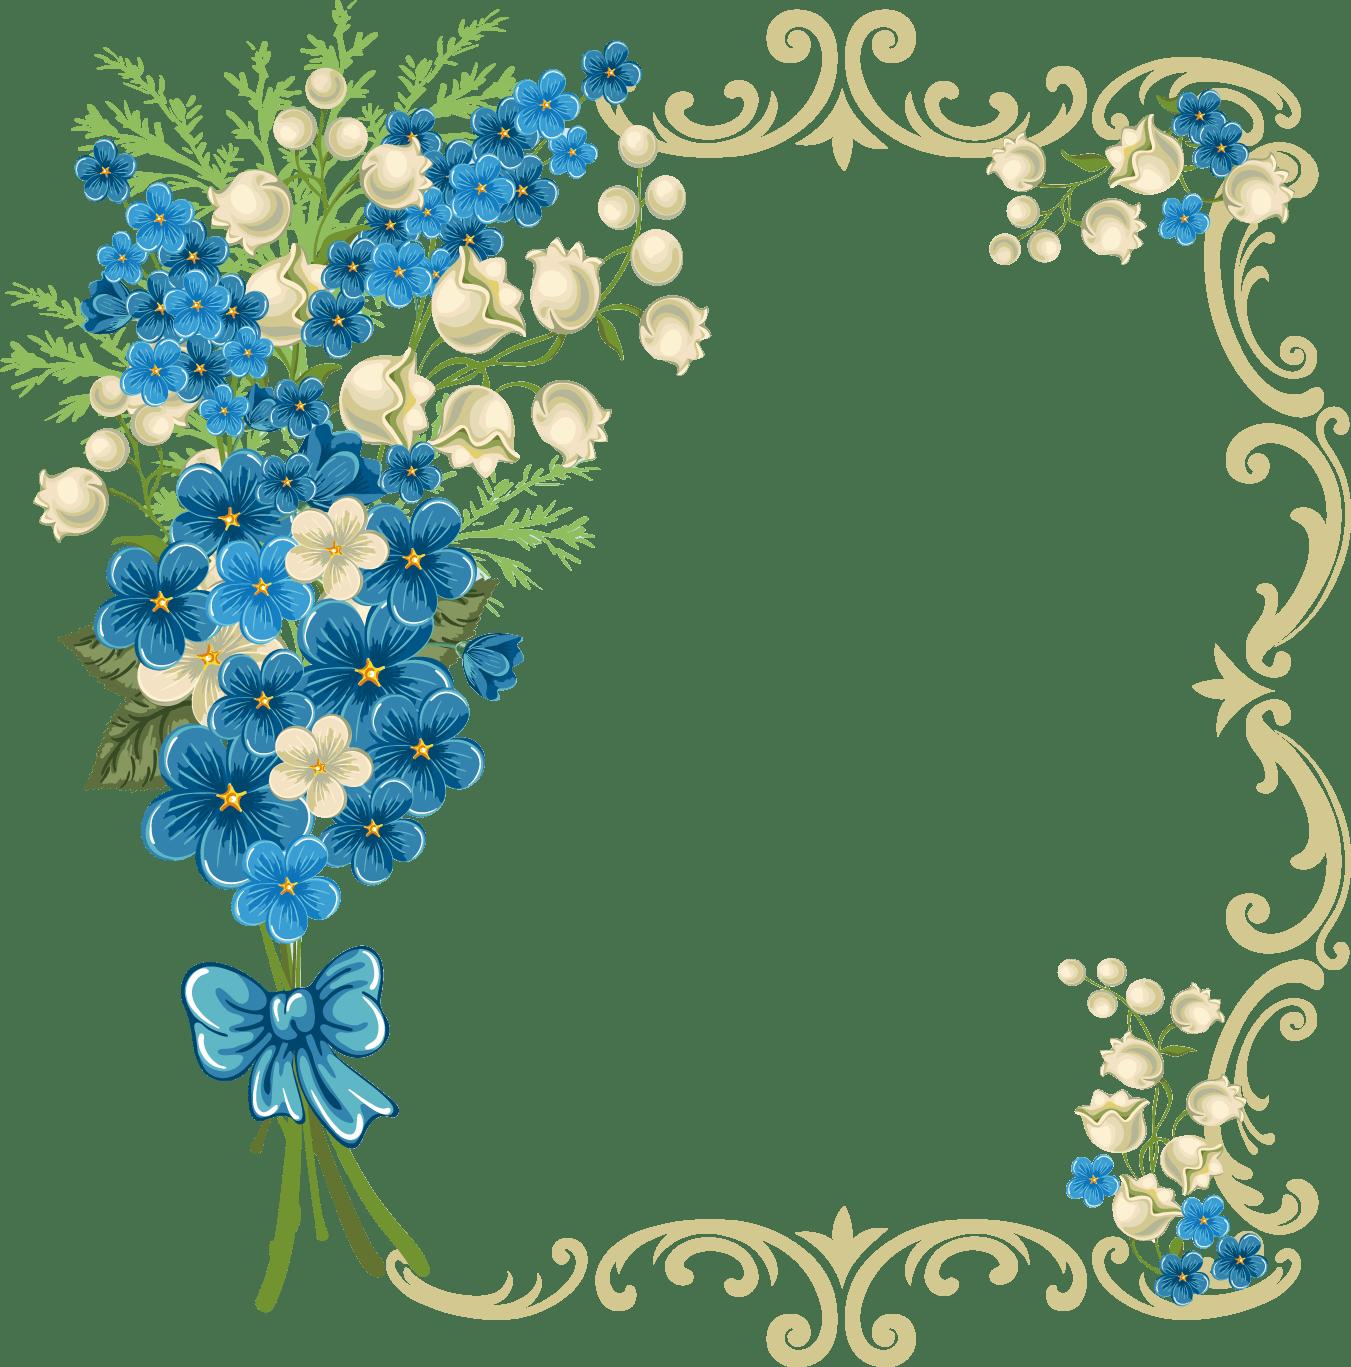 flower Google'da Ara YAZI FONLARI 2 Pinterest